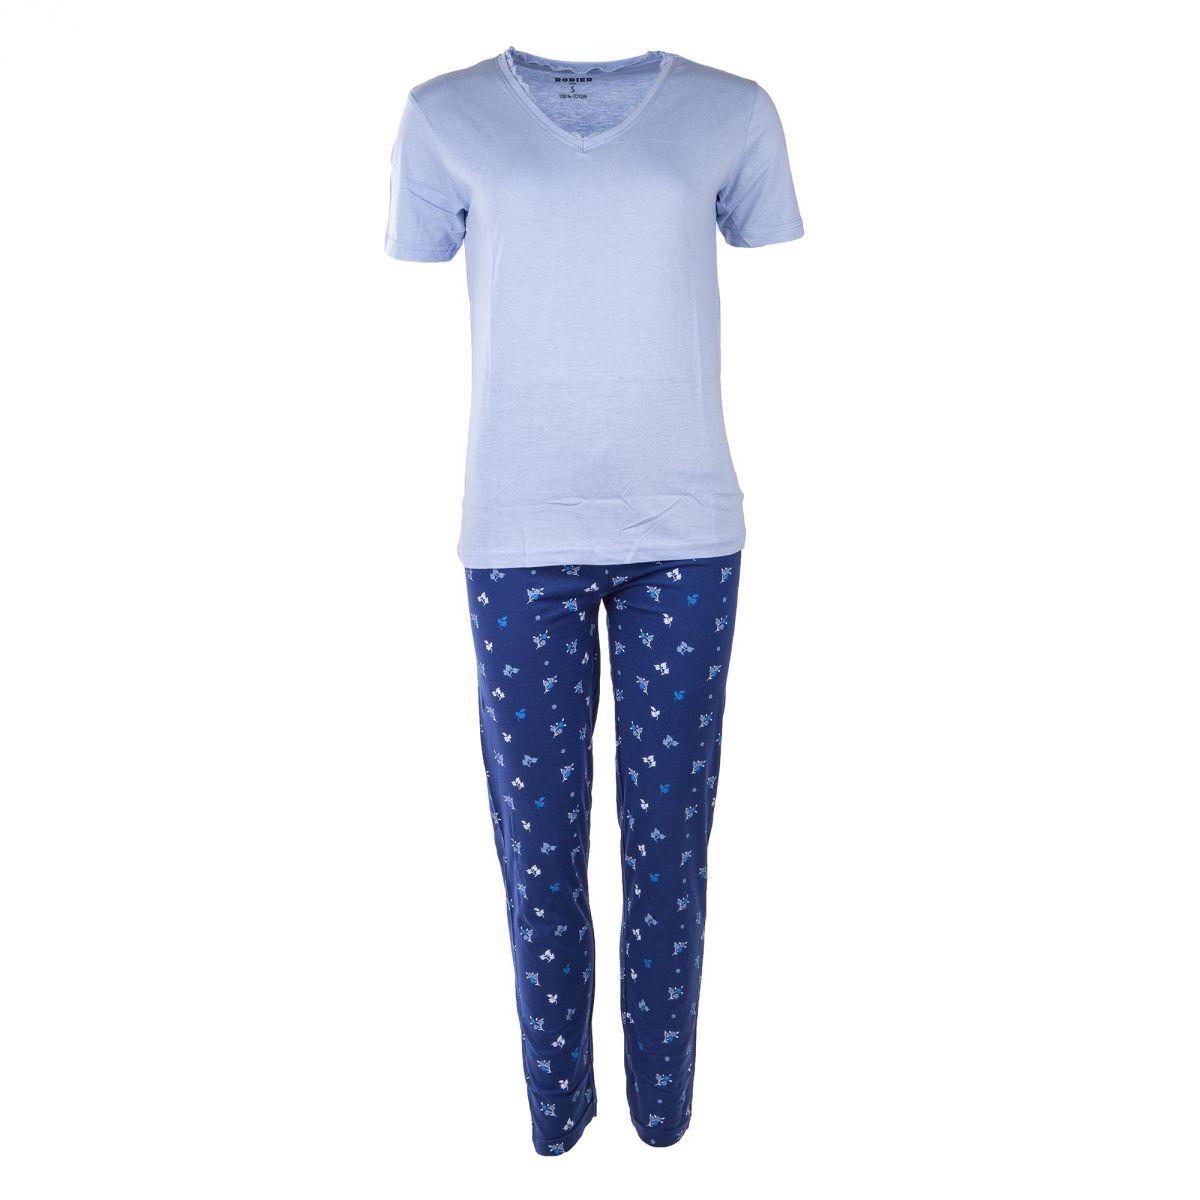 ensemble de pyjama avec bas fleurs femme rodier prix d griff. Black Bedroom Furniture Sets. Home Design Ideas